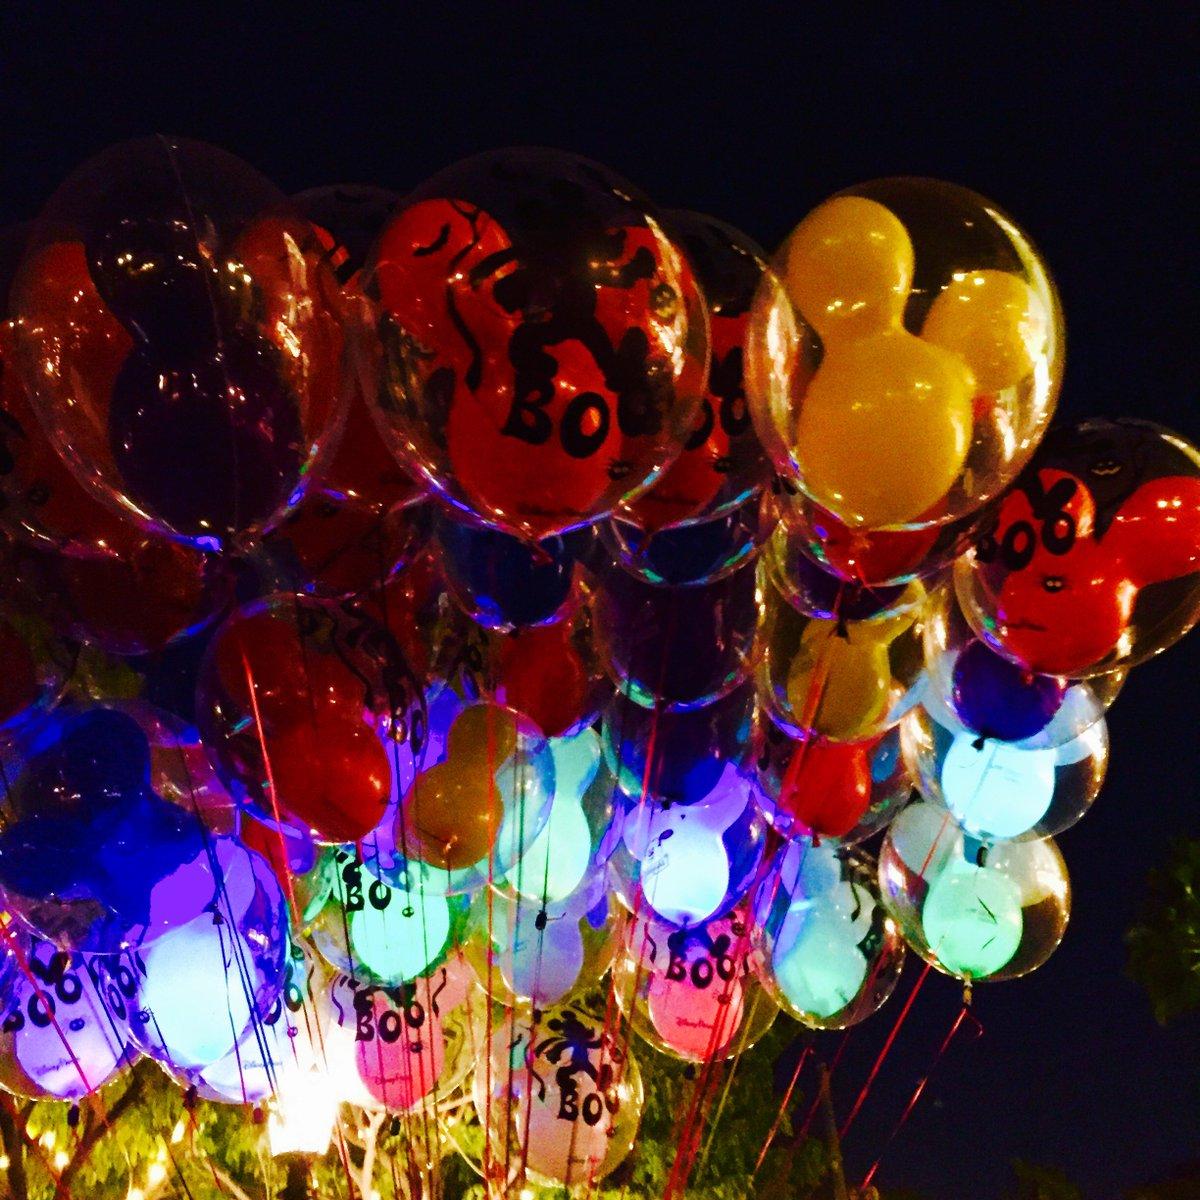 """mappy on twitter: """"ハロウィンの風船が新しく出てました!boo"""